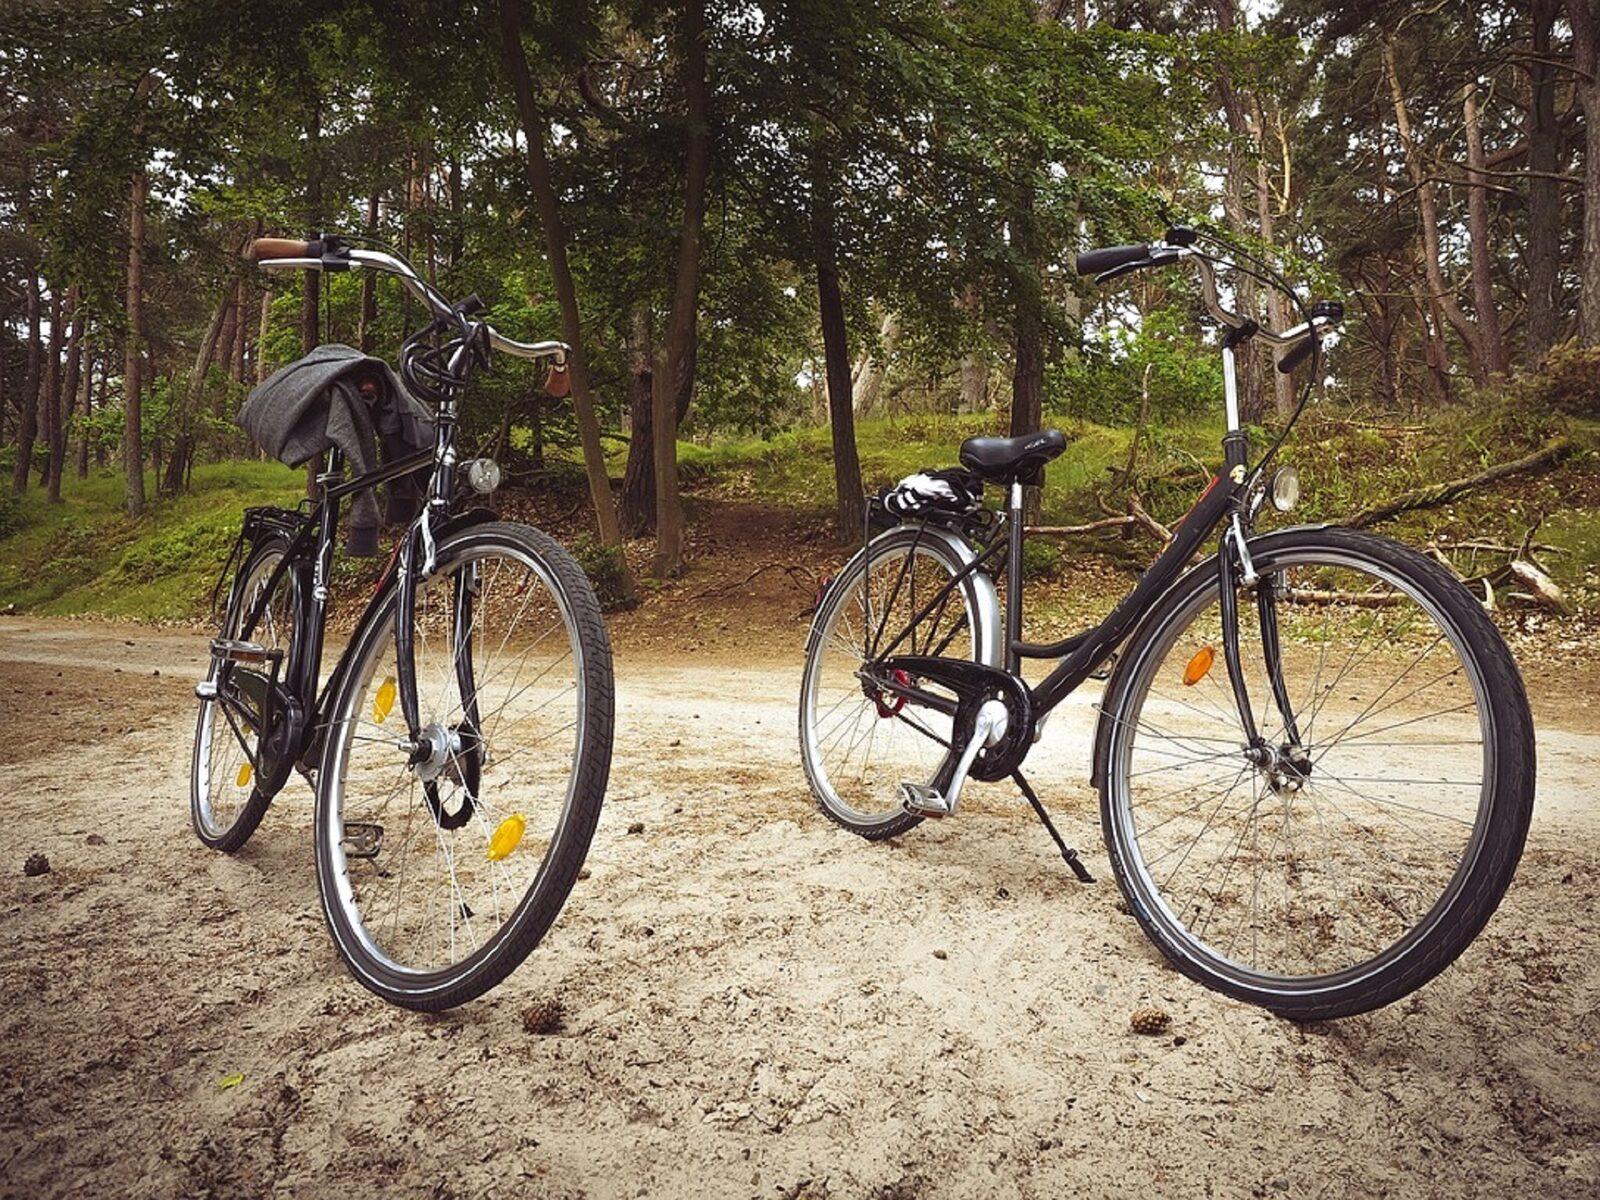 3-daags Fietsarrangement inclusief fietshuur en gratis fietsroute